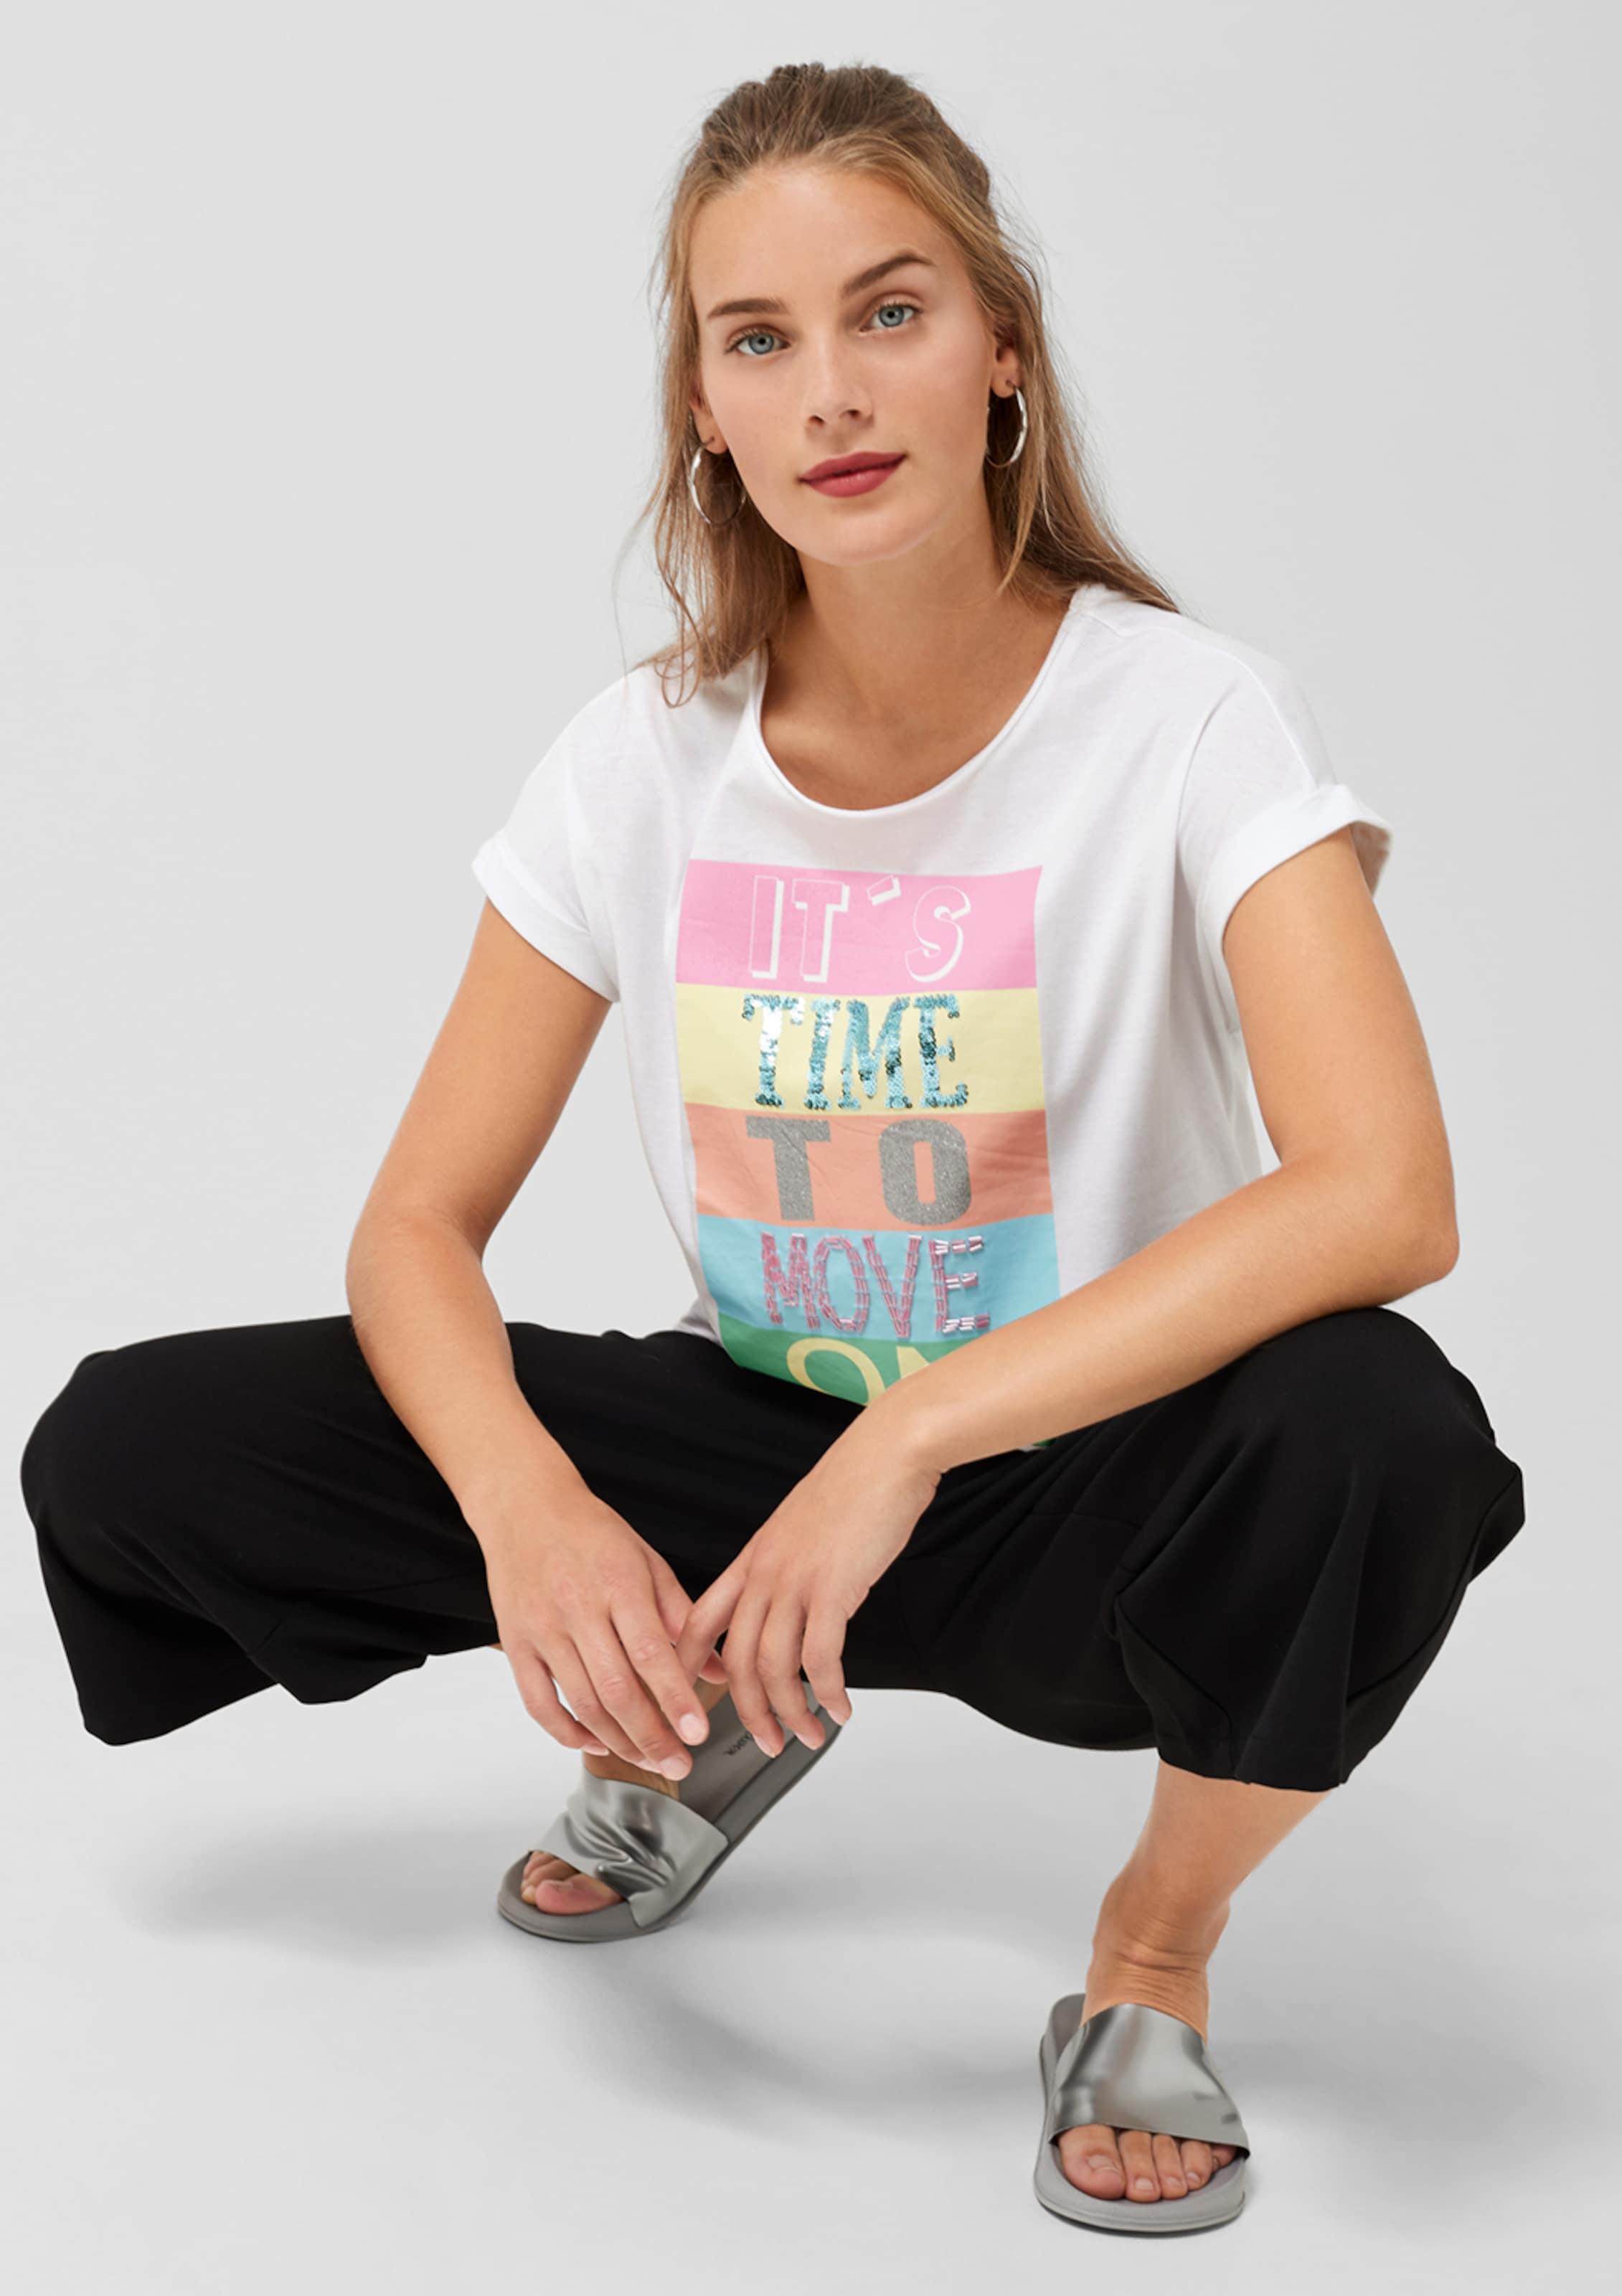 s MischfarbenOffwhite In By Shirt Q Designed clFK1J